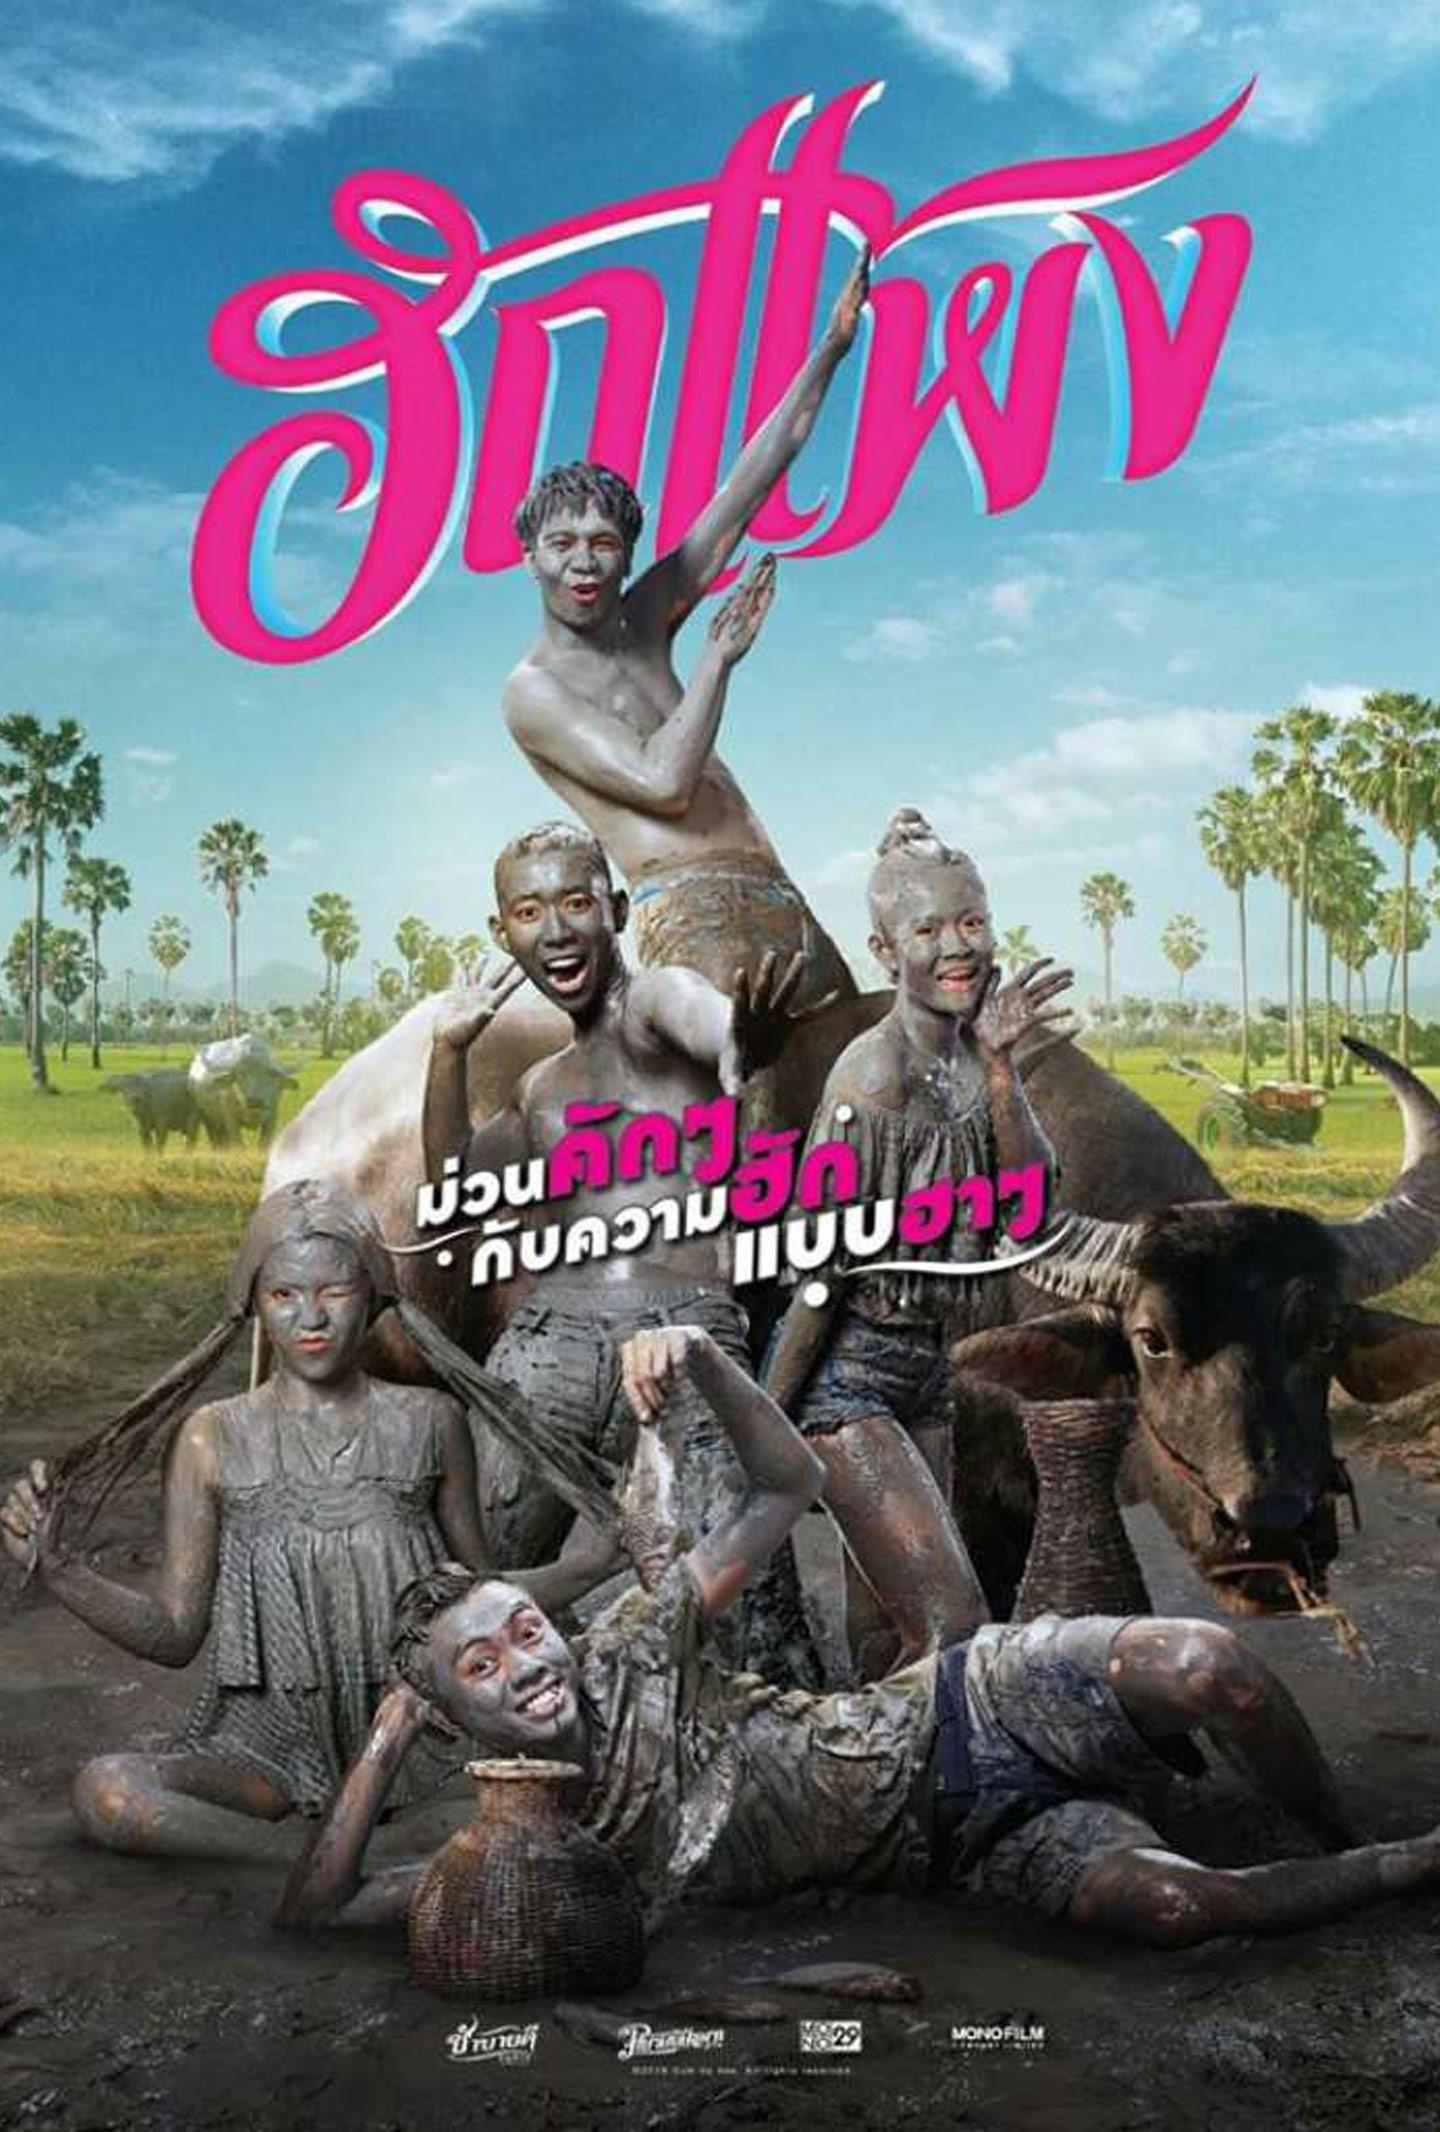 ดูหนัง ฮักแพง (2018) Hug Paeng The Movie ดูหนังออนไลน์ฟรี ดูหนังฟรี ดูหนังใหม่ชนโรง หนังใหม่ล่าสุด หนังแอคชั่น หนังผจญภัย หนังแอนนิเมชั่น หนัง HD ได้ที่ movie24x.com